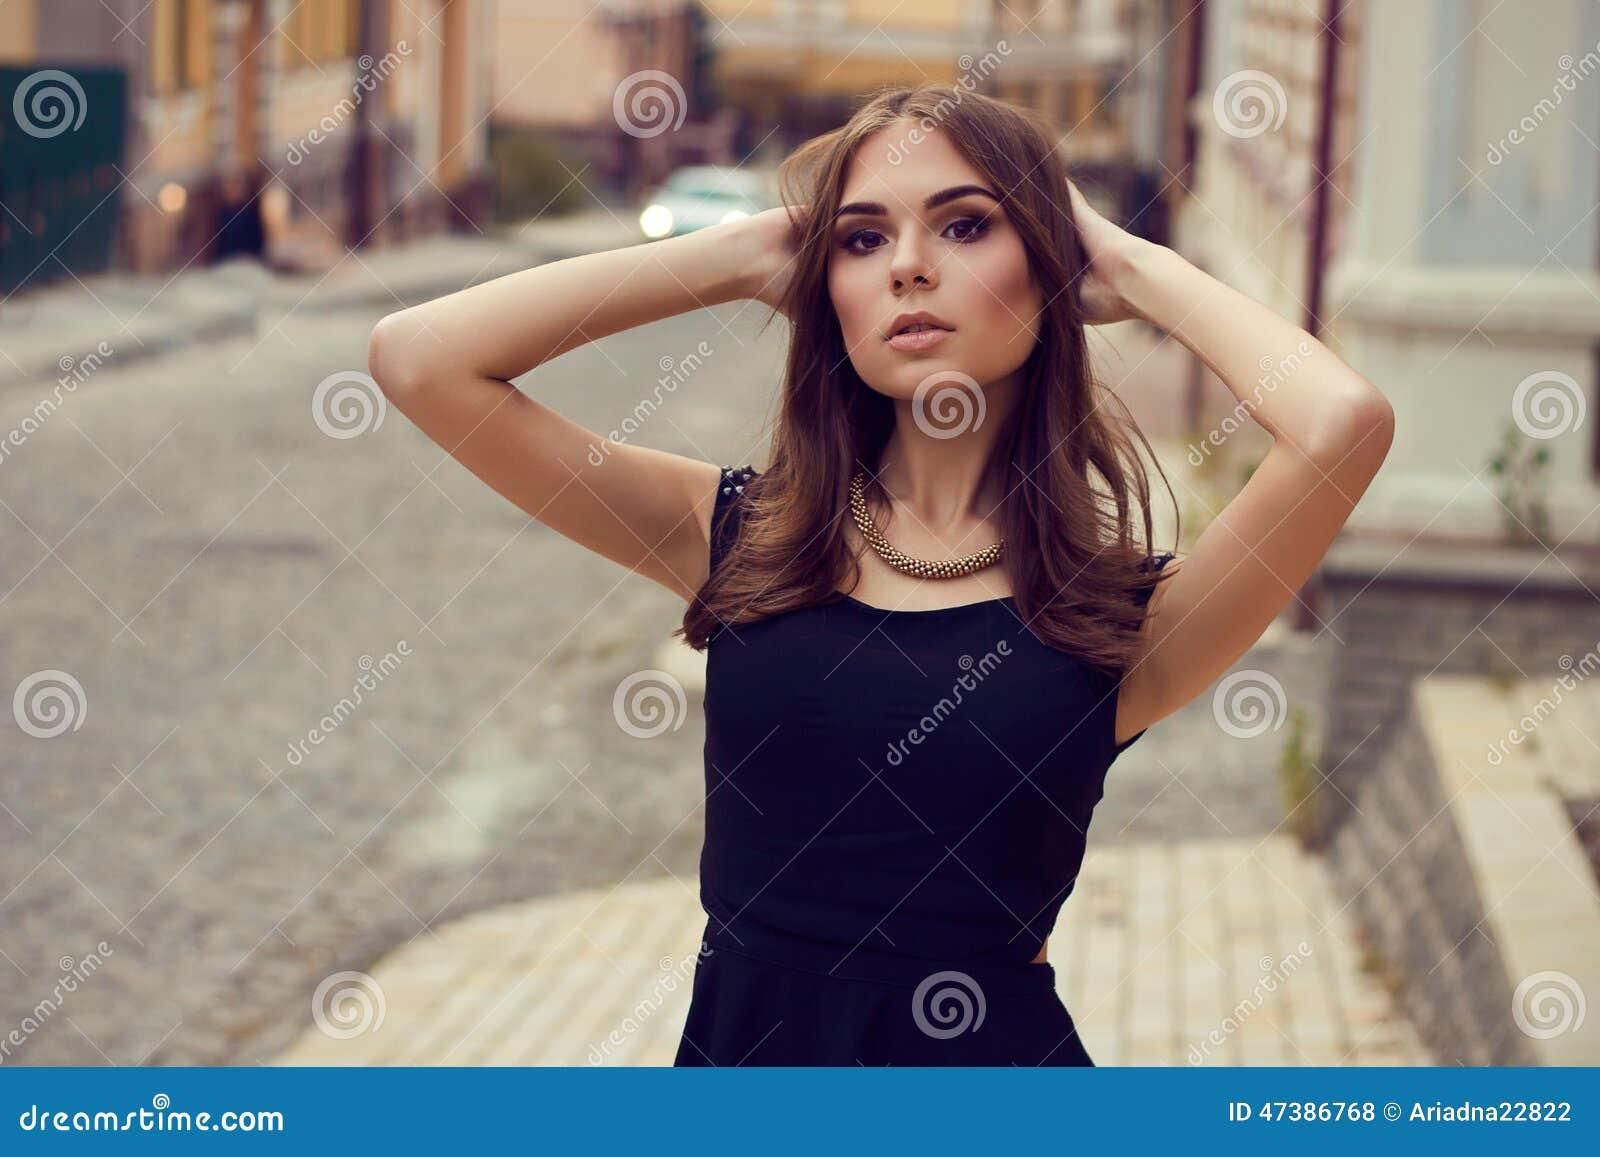 Young beautiful girl. Street fashion. Model shooting